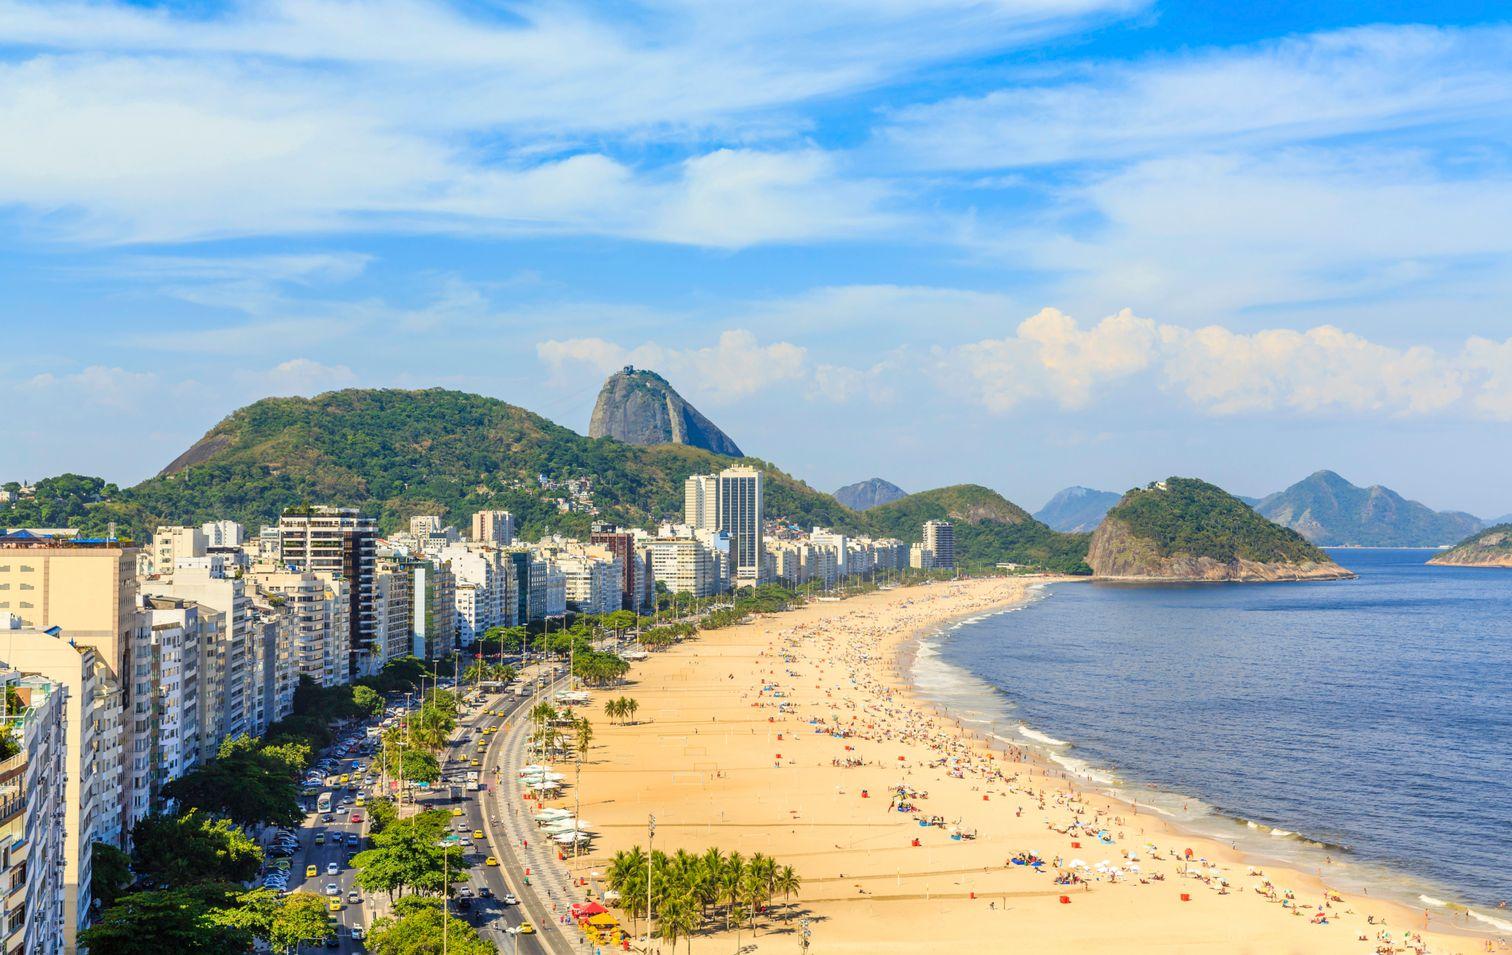 Die schönsten Reiseziele Brasiliens: Strand von Ipanema & Copacabana, Rio de Janeiro